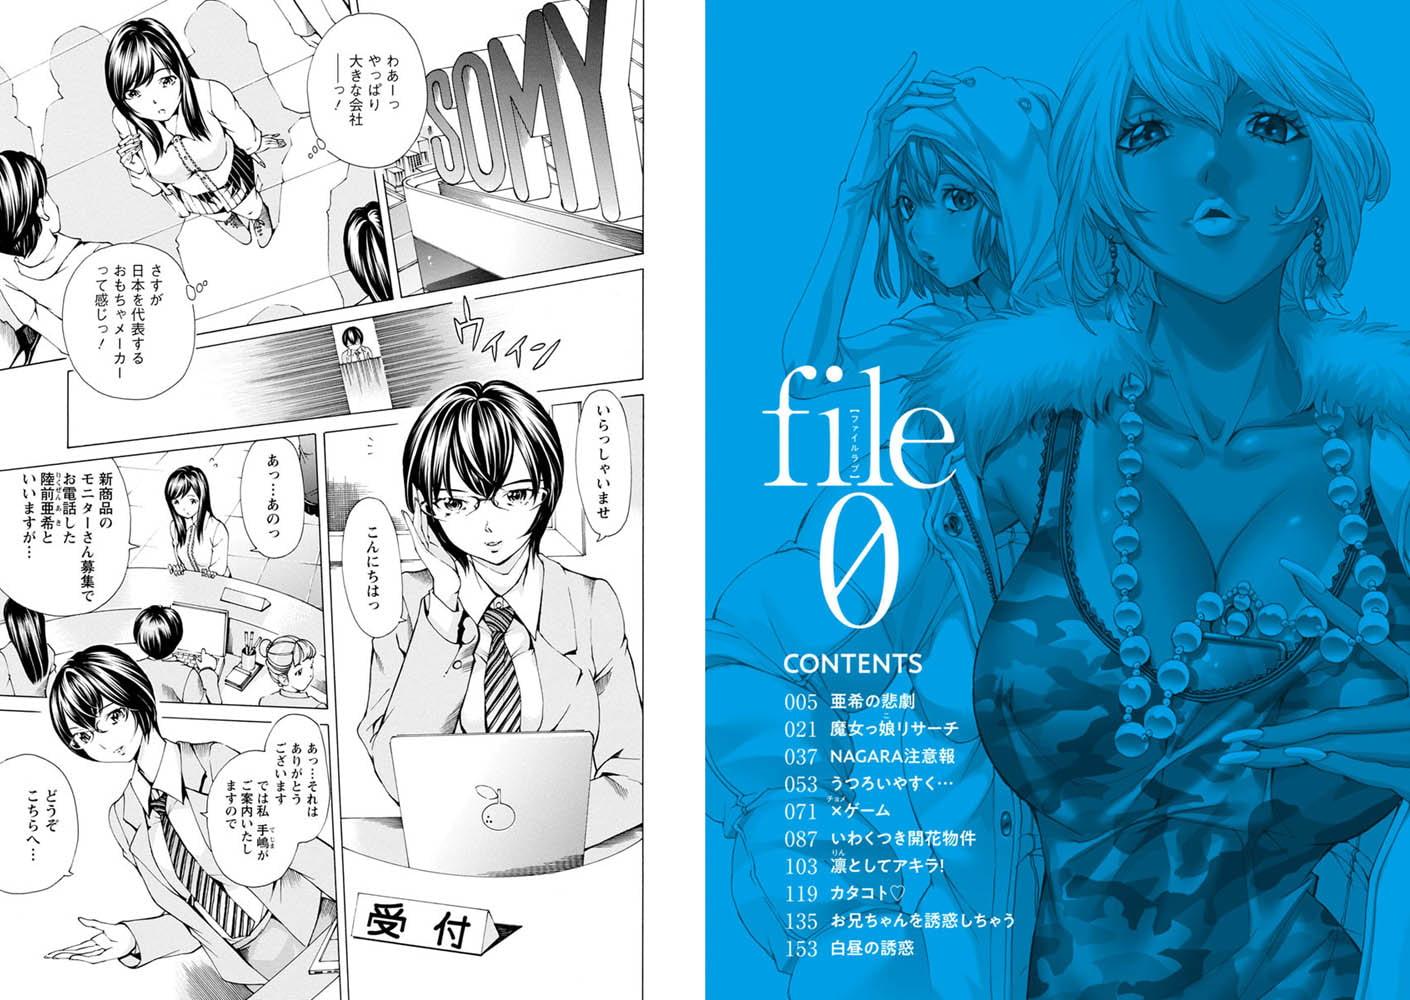 file0(ラブ)